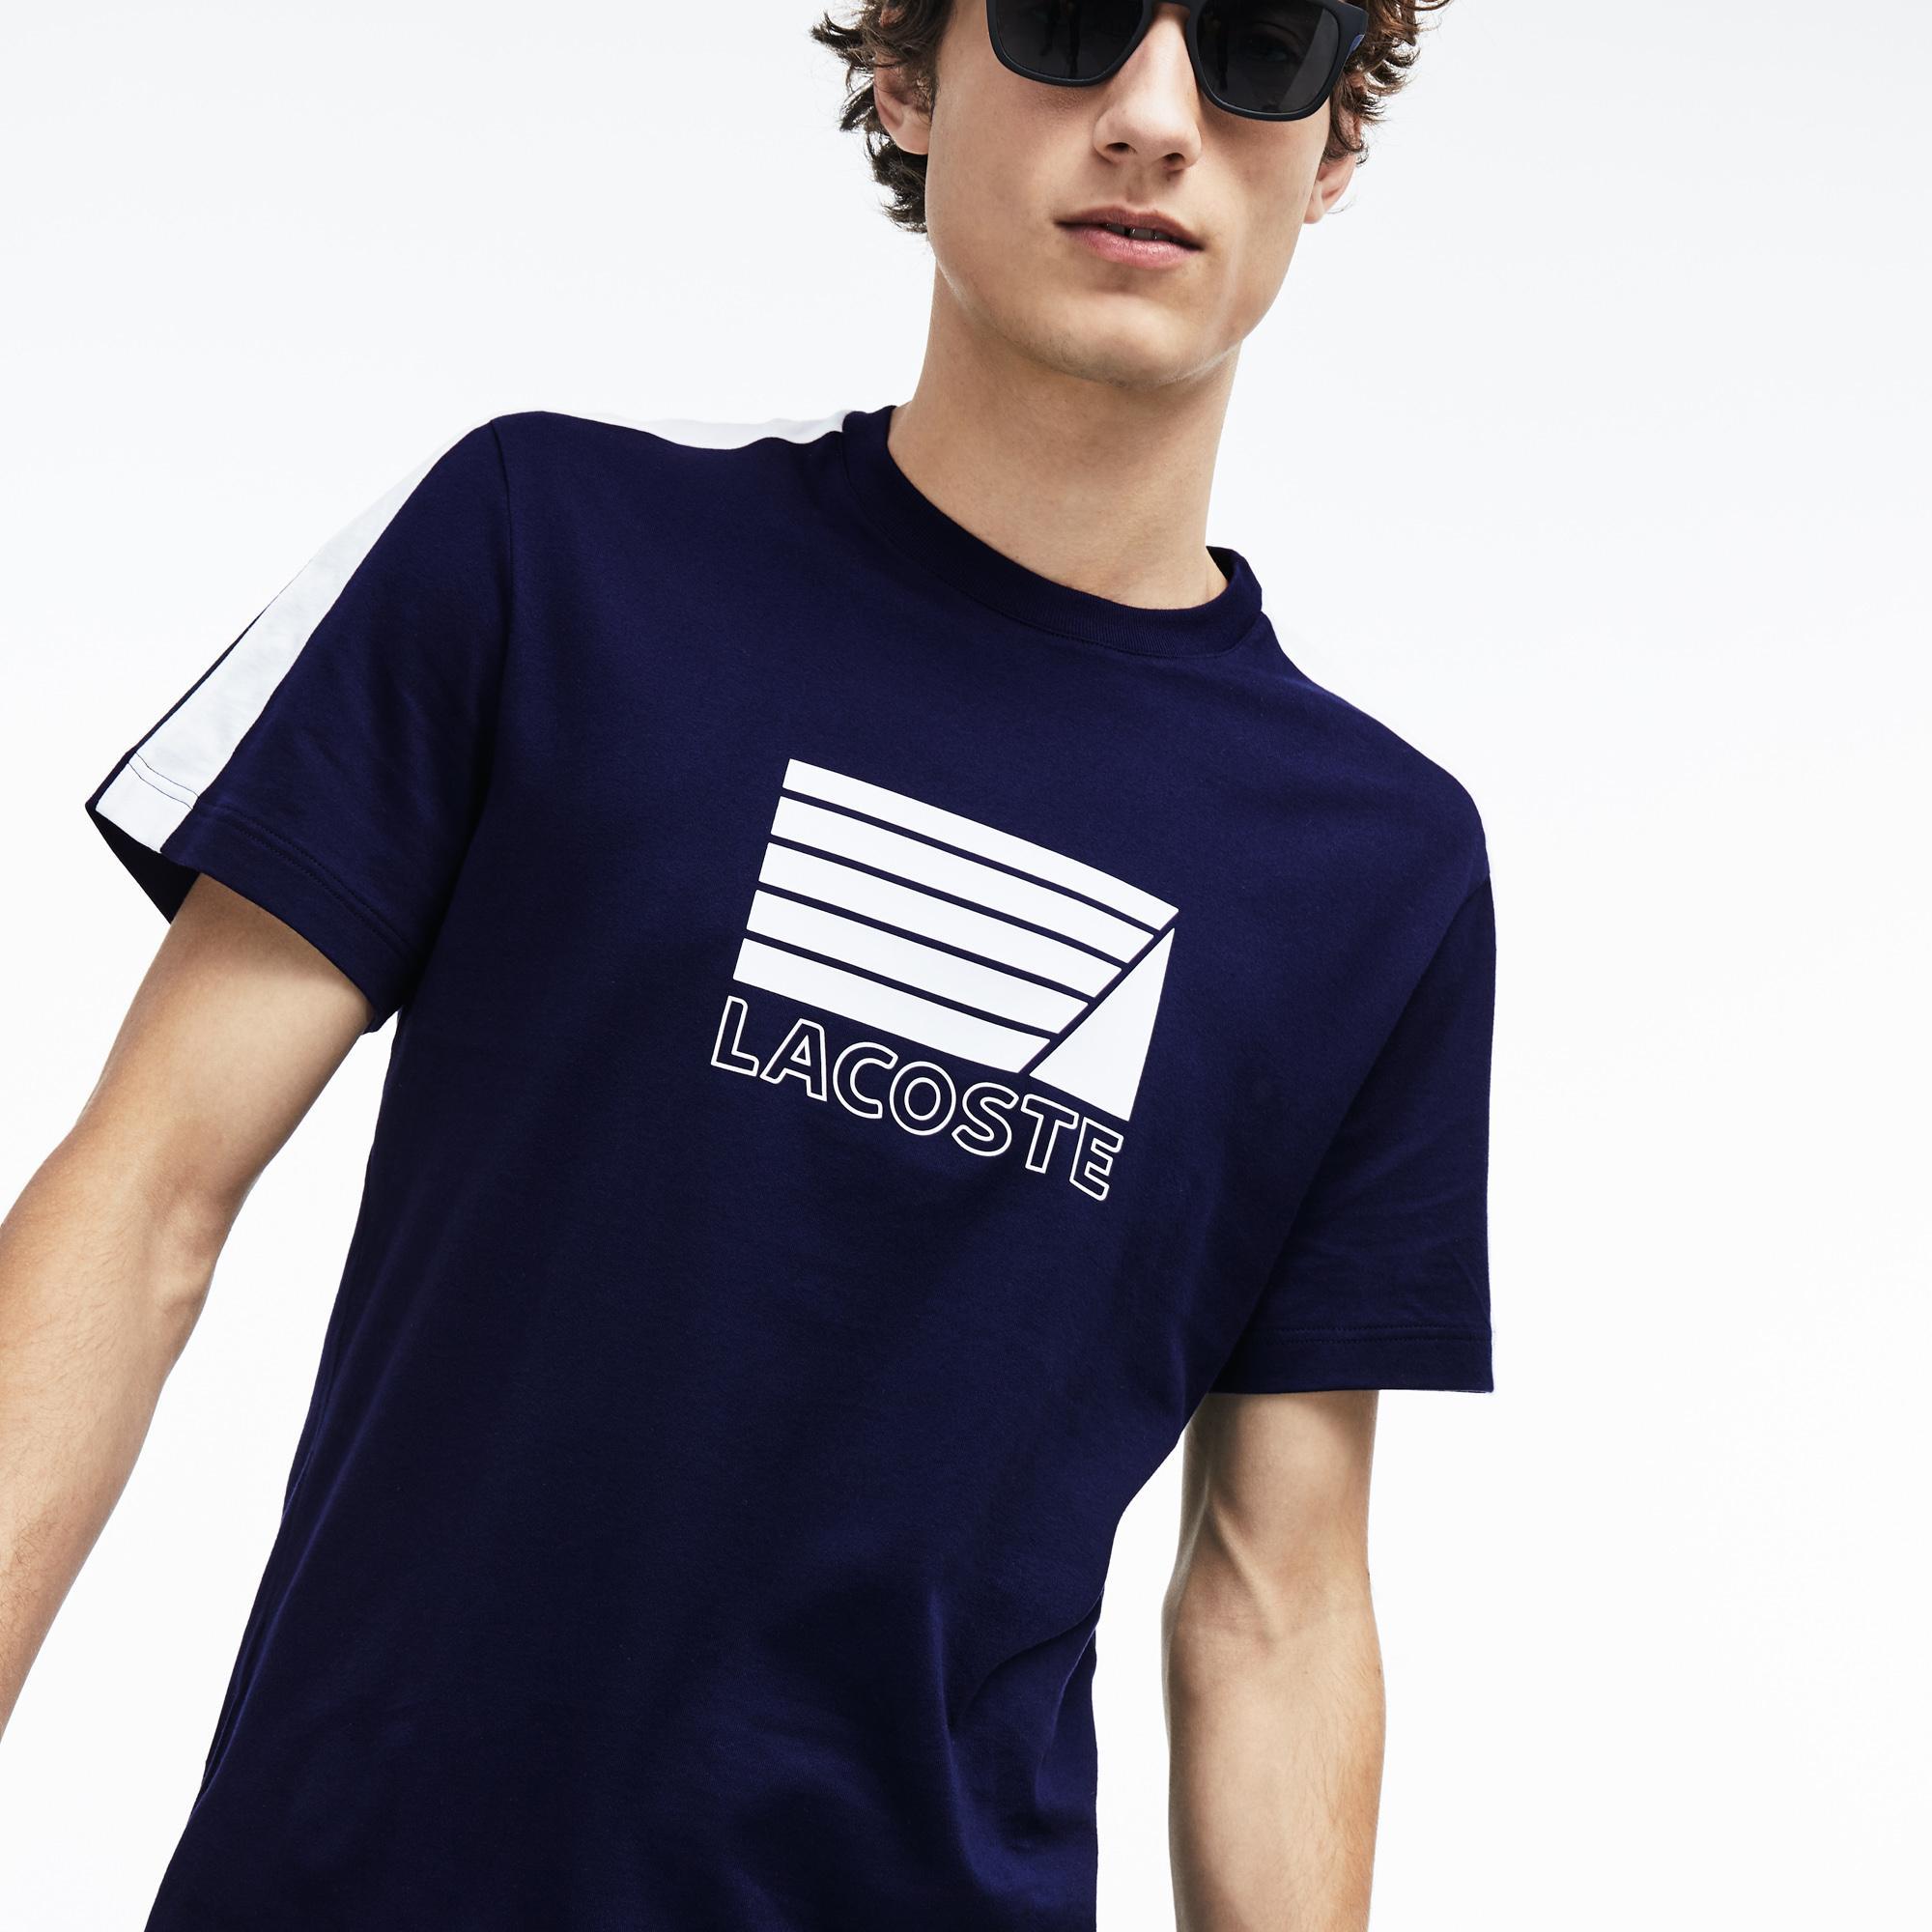 Lacoste Erkek Regular Fit Baskı Desenli Beyaz - Lacivert Renk Bloklu T-Shirt